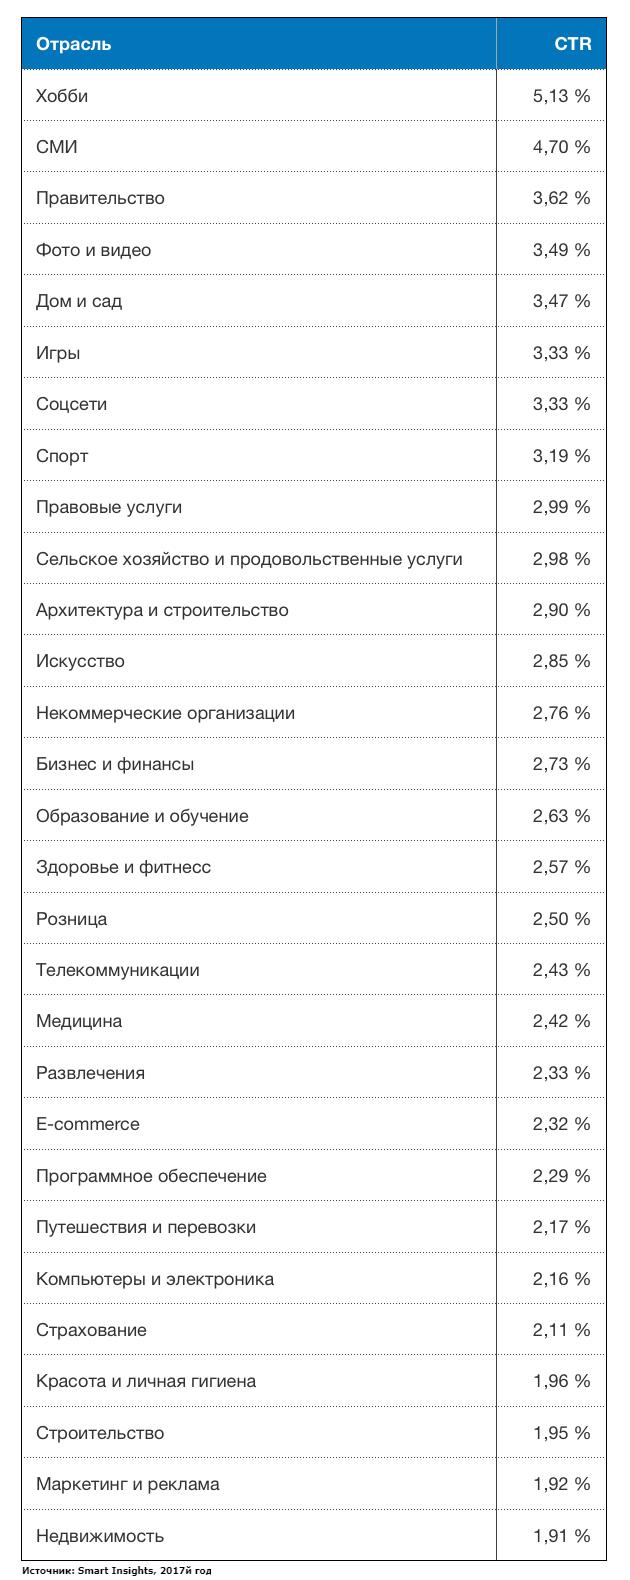 Средний показатель CTR email рассылок в разных сферах бизнеса